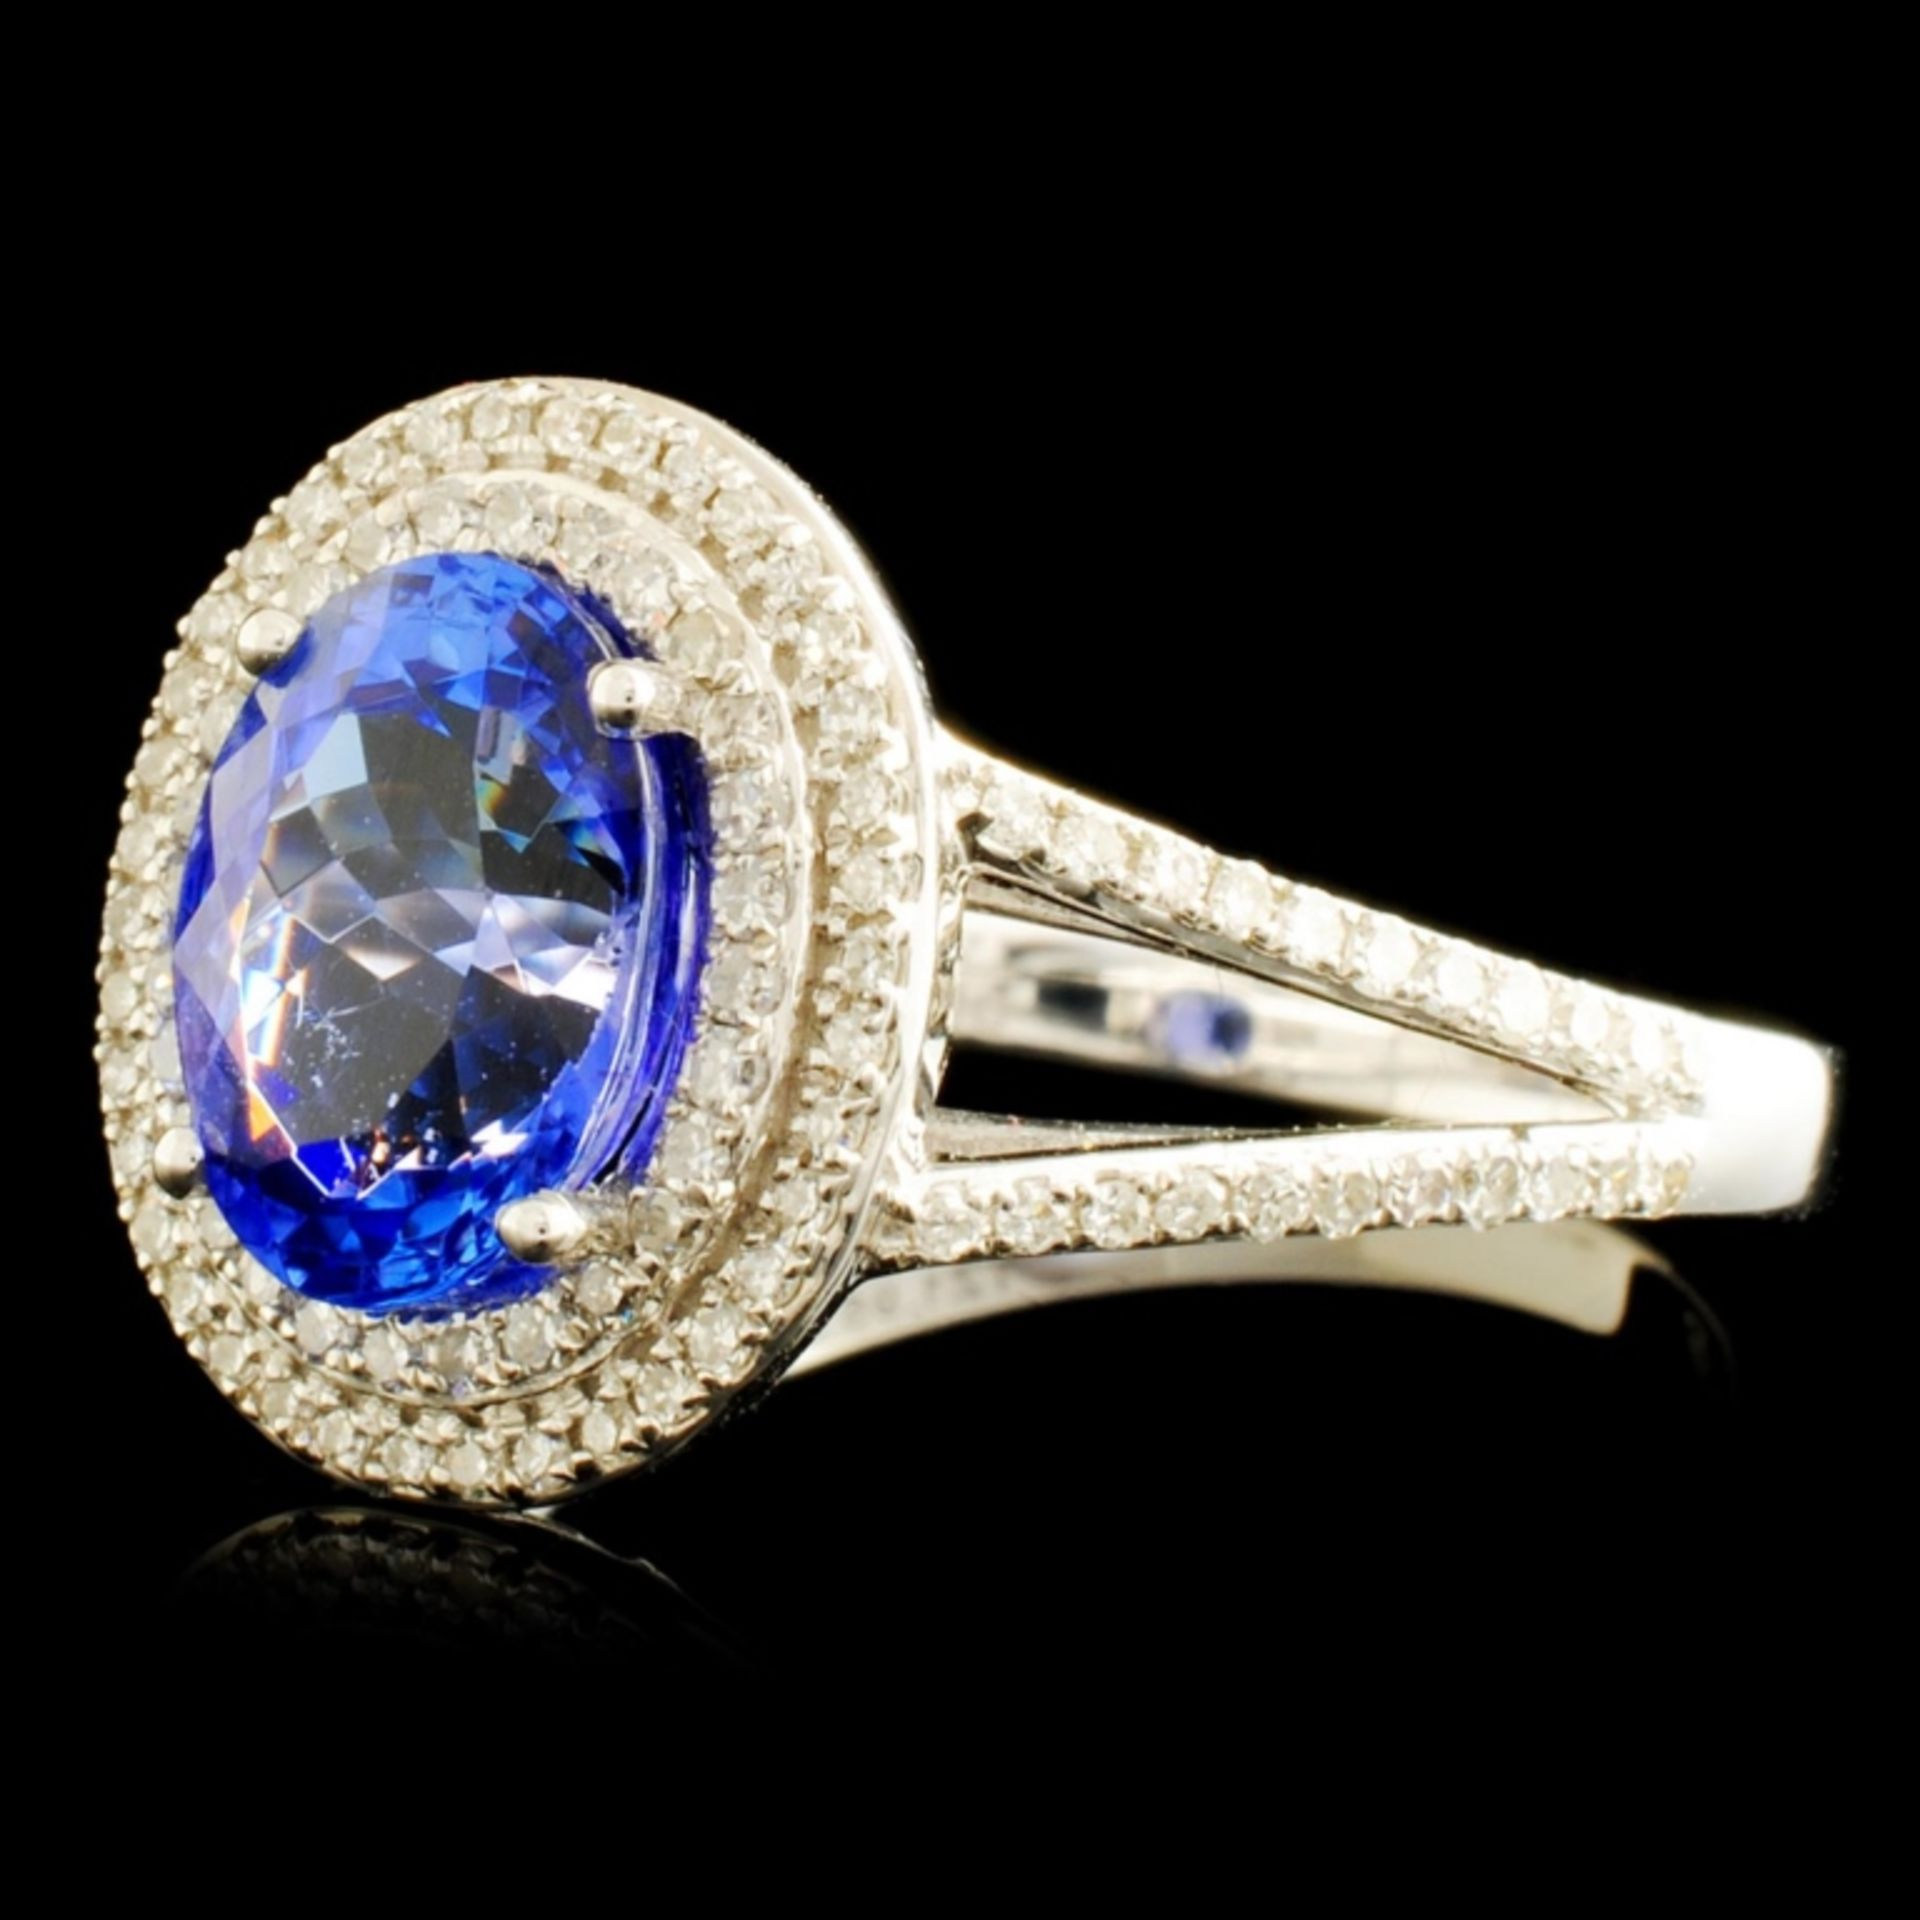 14K Gold 1.95ct Tanzanite & 0.48ctw Diamond Ring - Image 2 of 5